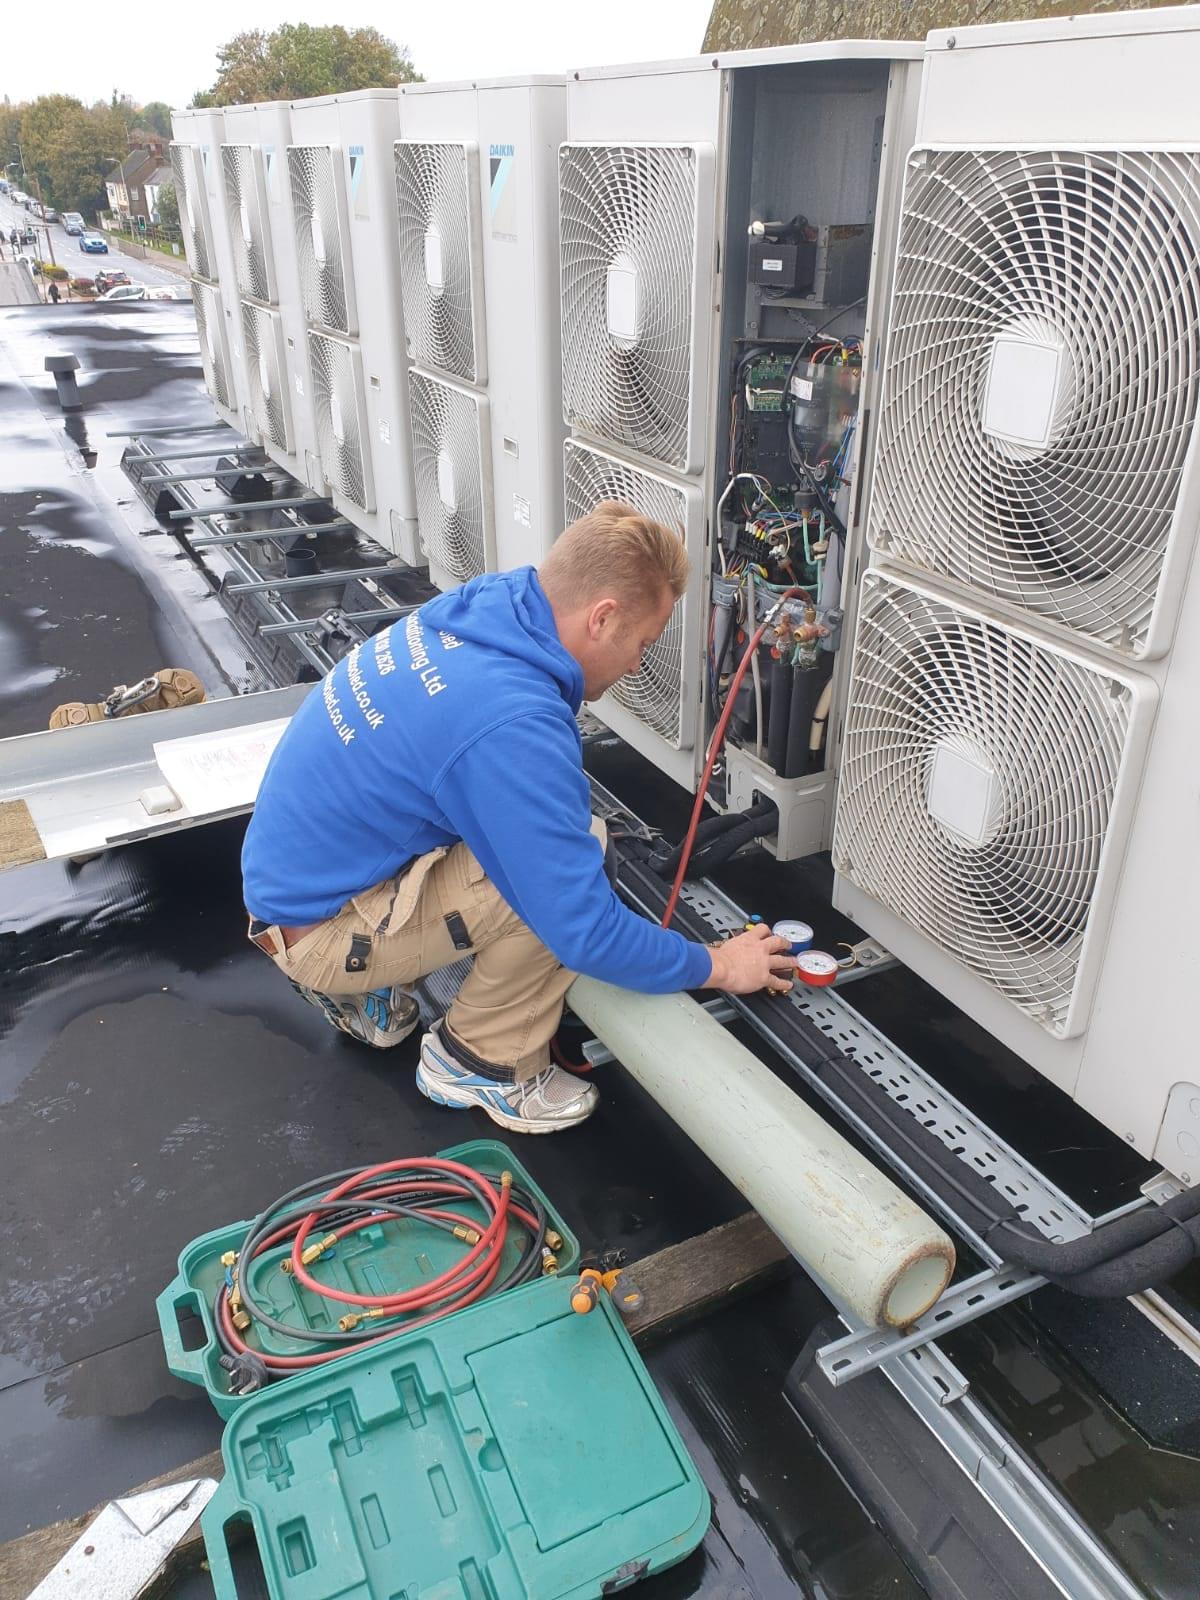 Subcooled boiler repairs